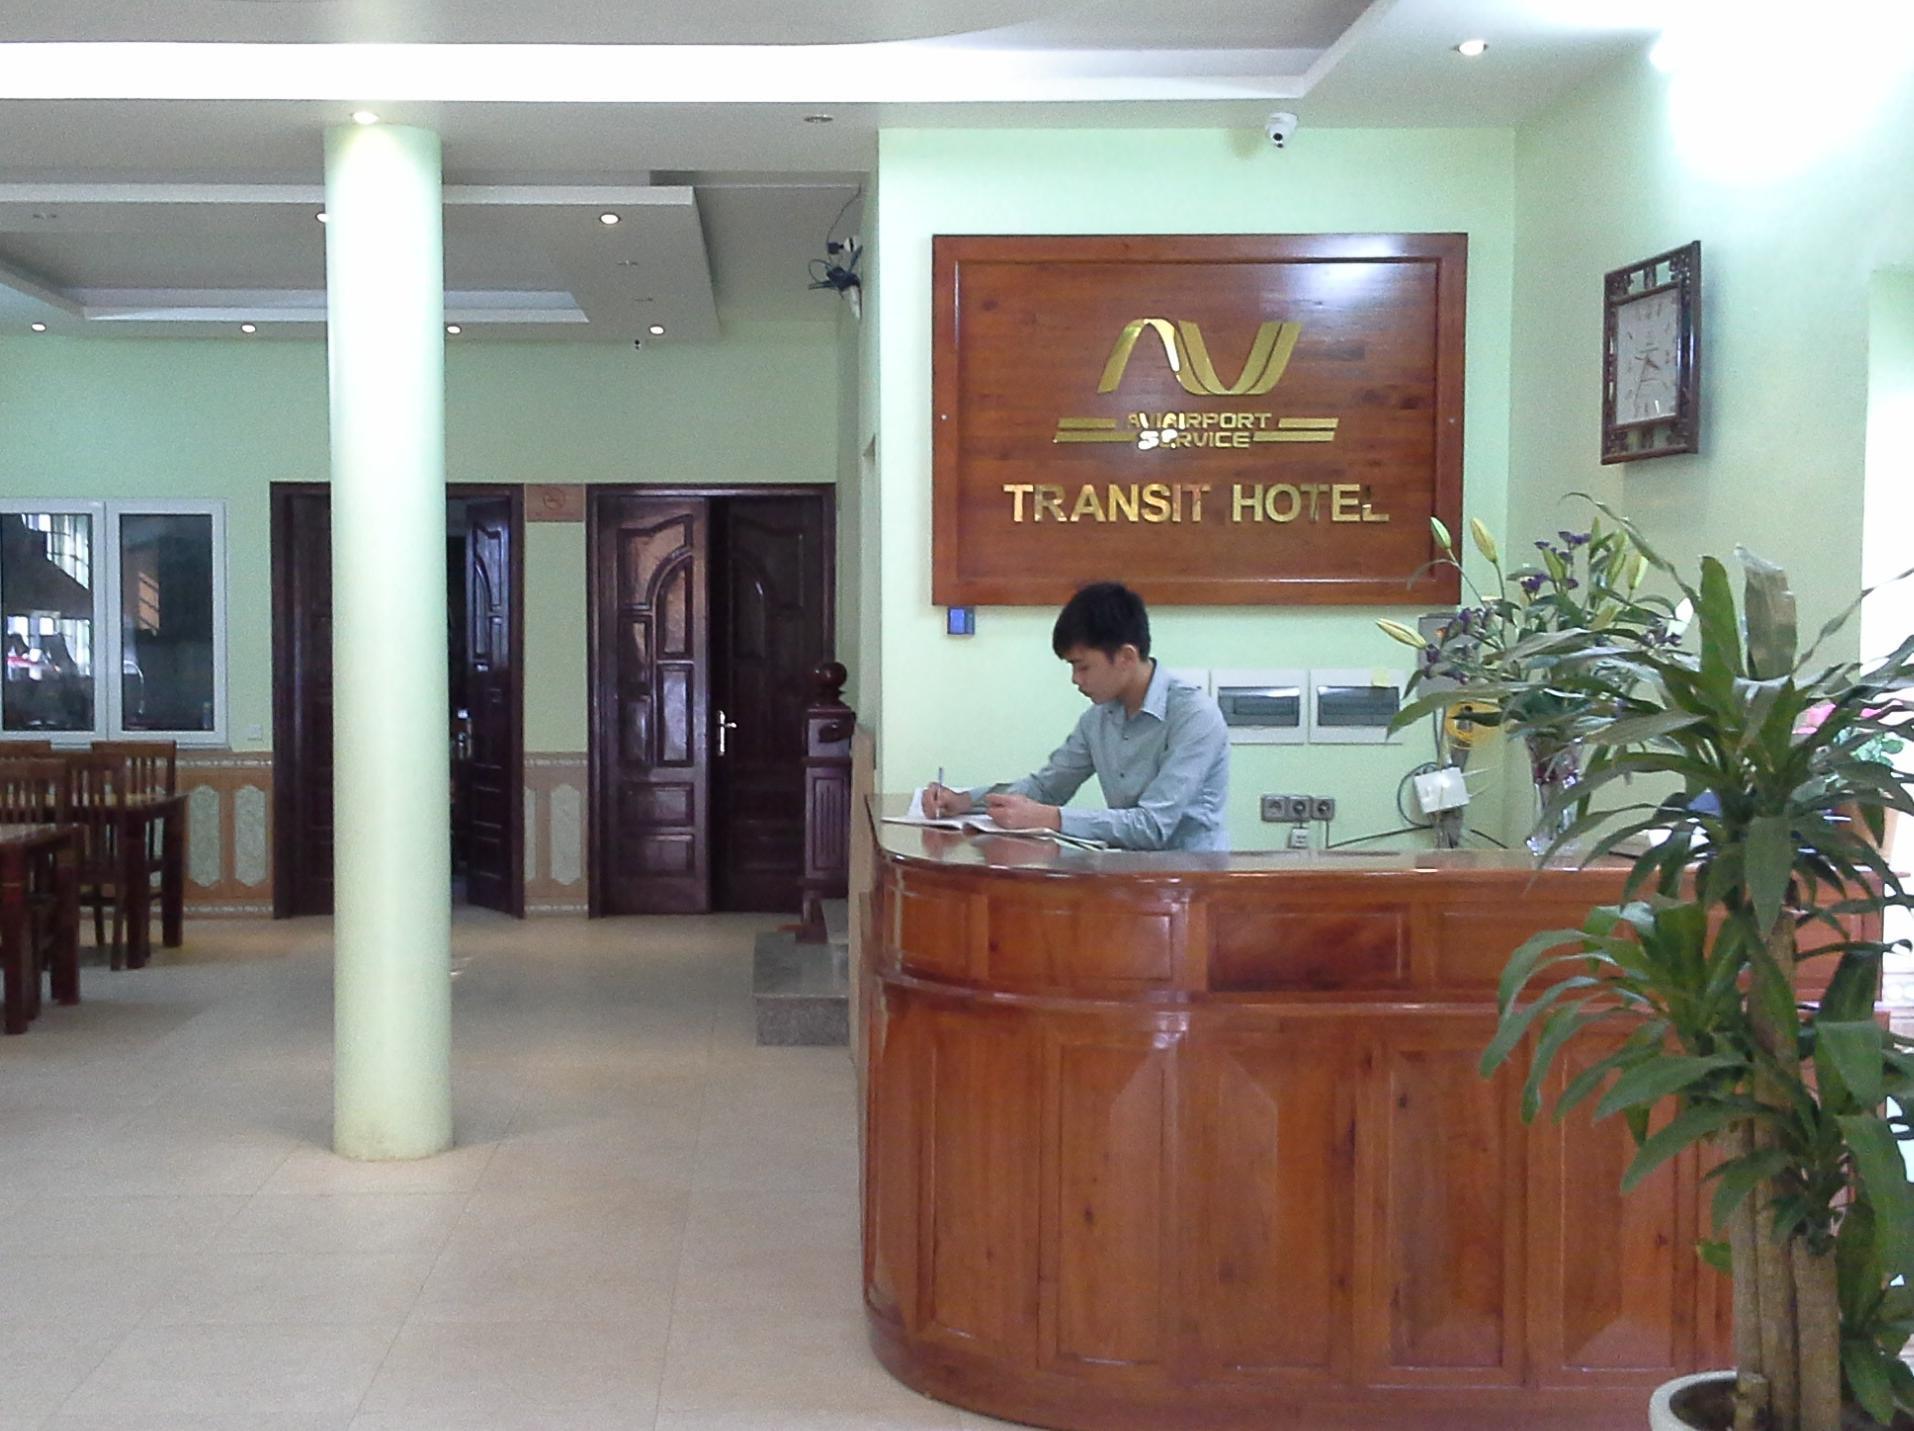 Avi Transit Hotel